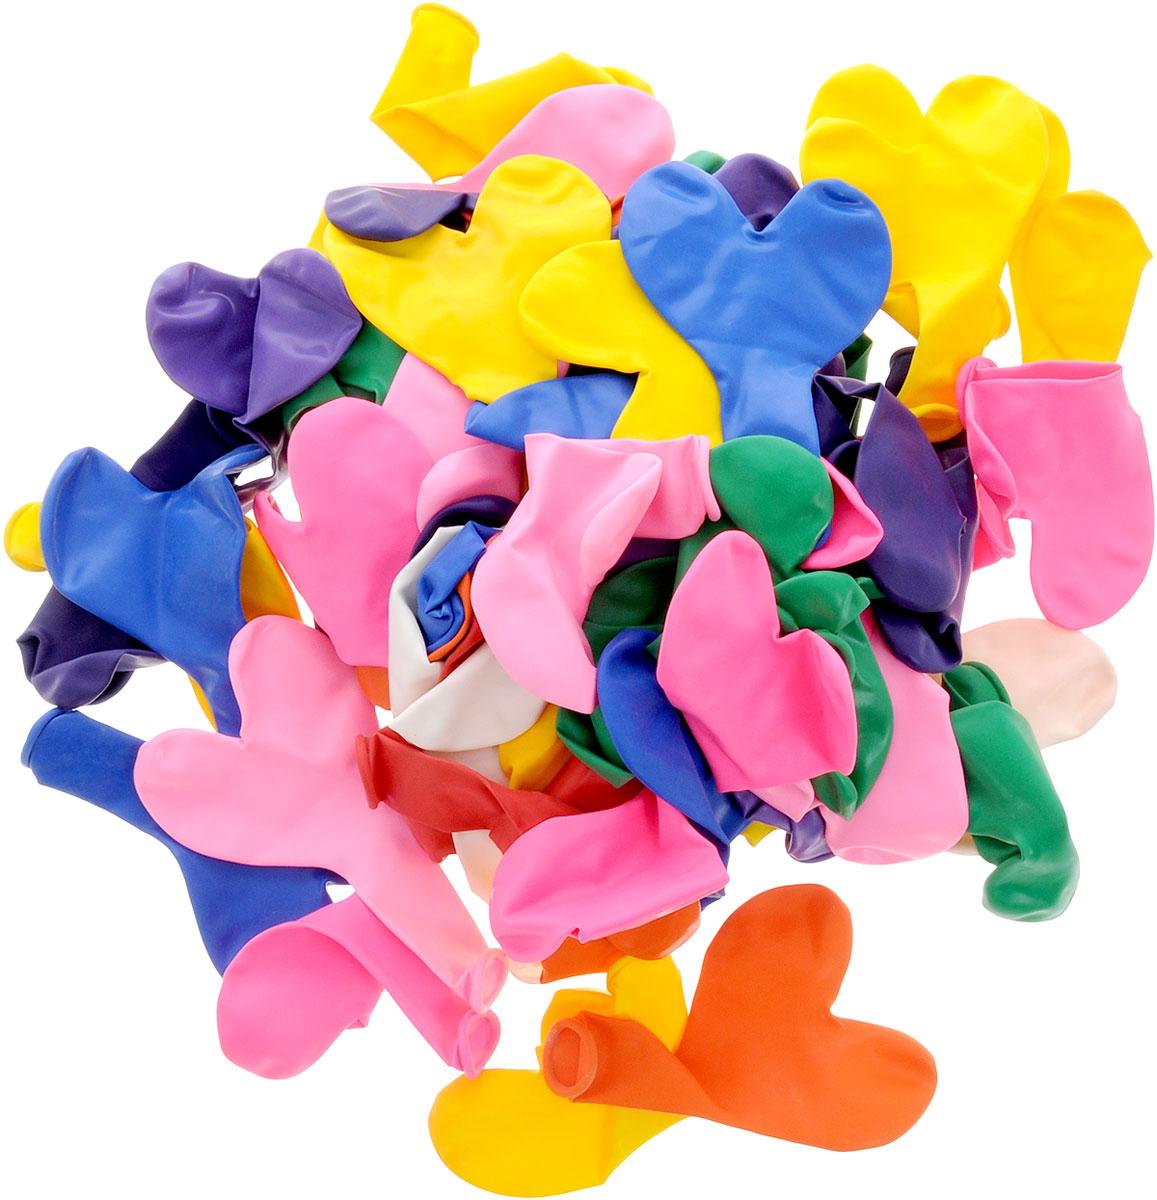 Action! Шары воздушные Сердечки разноцветные 100 штAPI0045/MШары воздушные Action! Сердечки станут отличным украшением на любой праздник! Шарики помогут украсить праздничный стол и помещение, или стать приятным дополнением к подарку. Эти яркие праздничные аксессуары поднимут настроение вам и вашим гостям! В наборе 100 разноцветных воздушных шаров.